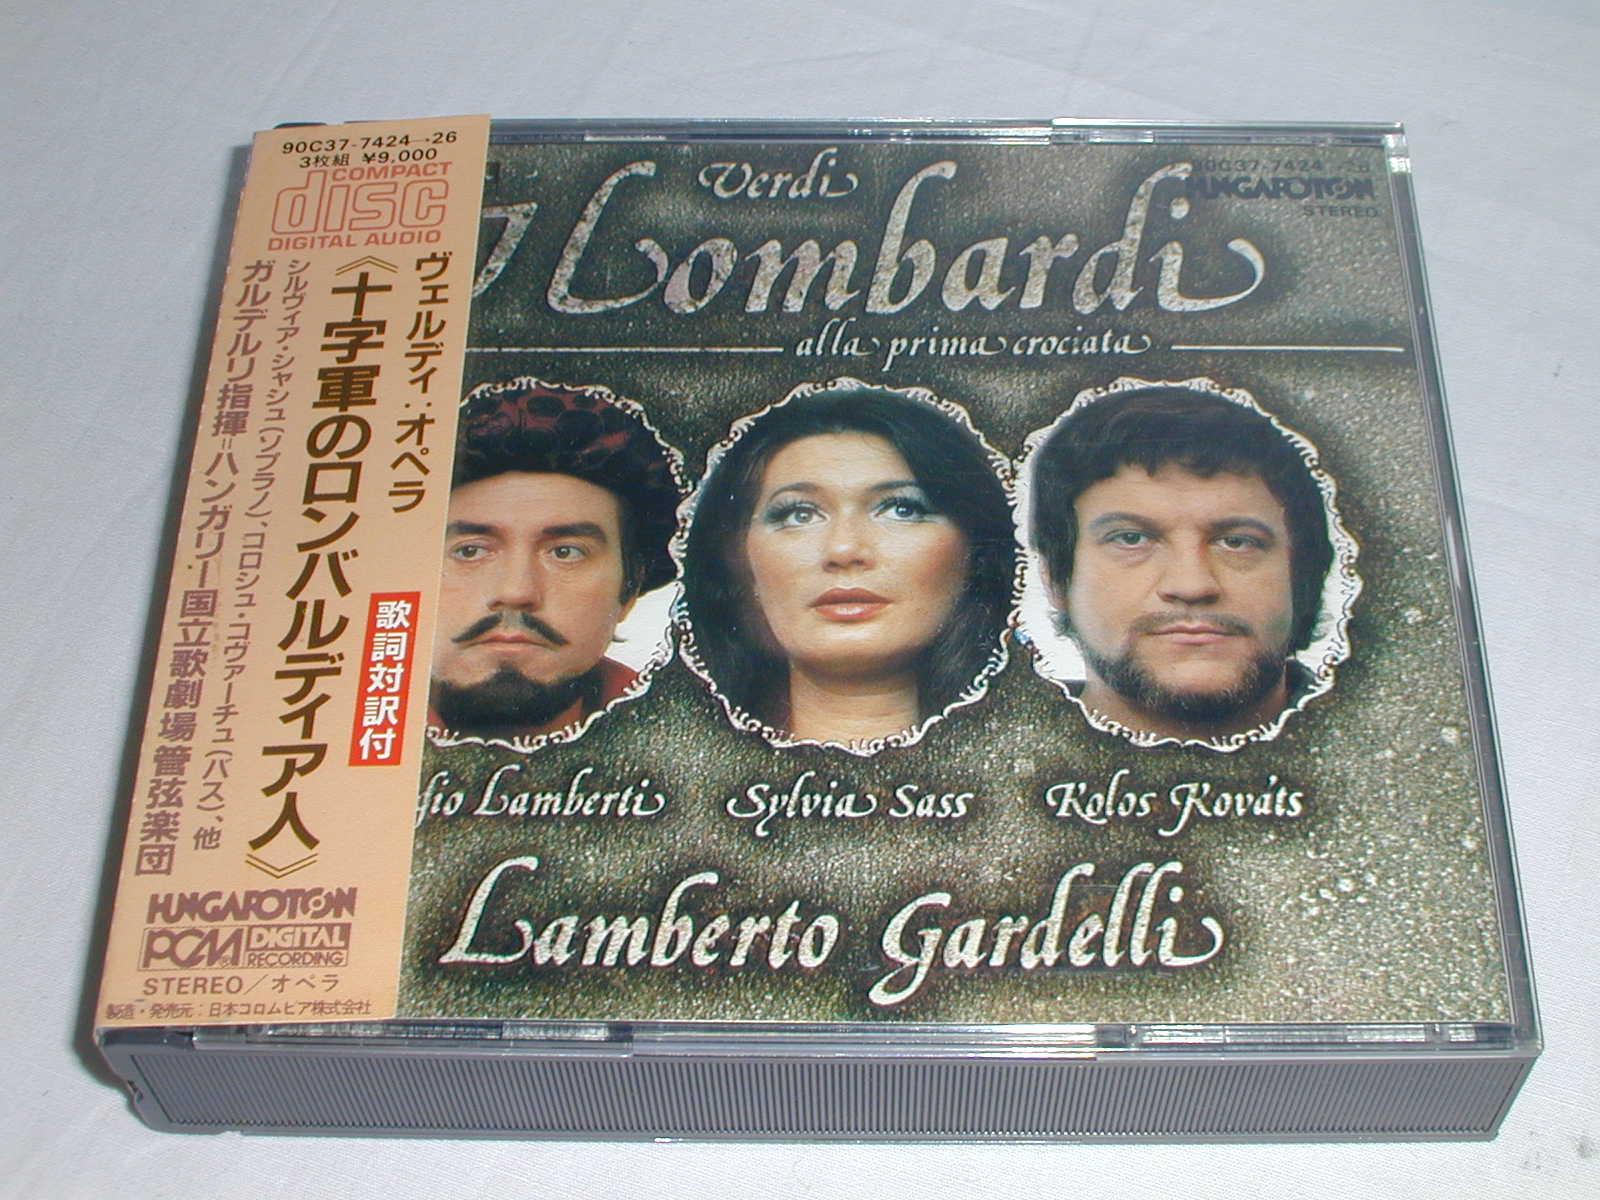 (CD) ヴェルディ:歌劇「十字軍のロンバルディア人」全曲 /ガルデリル <3枚組>